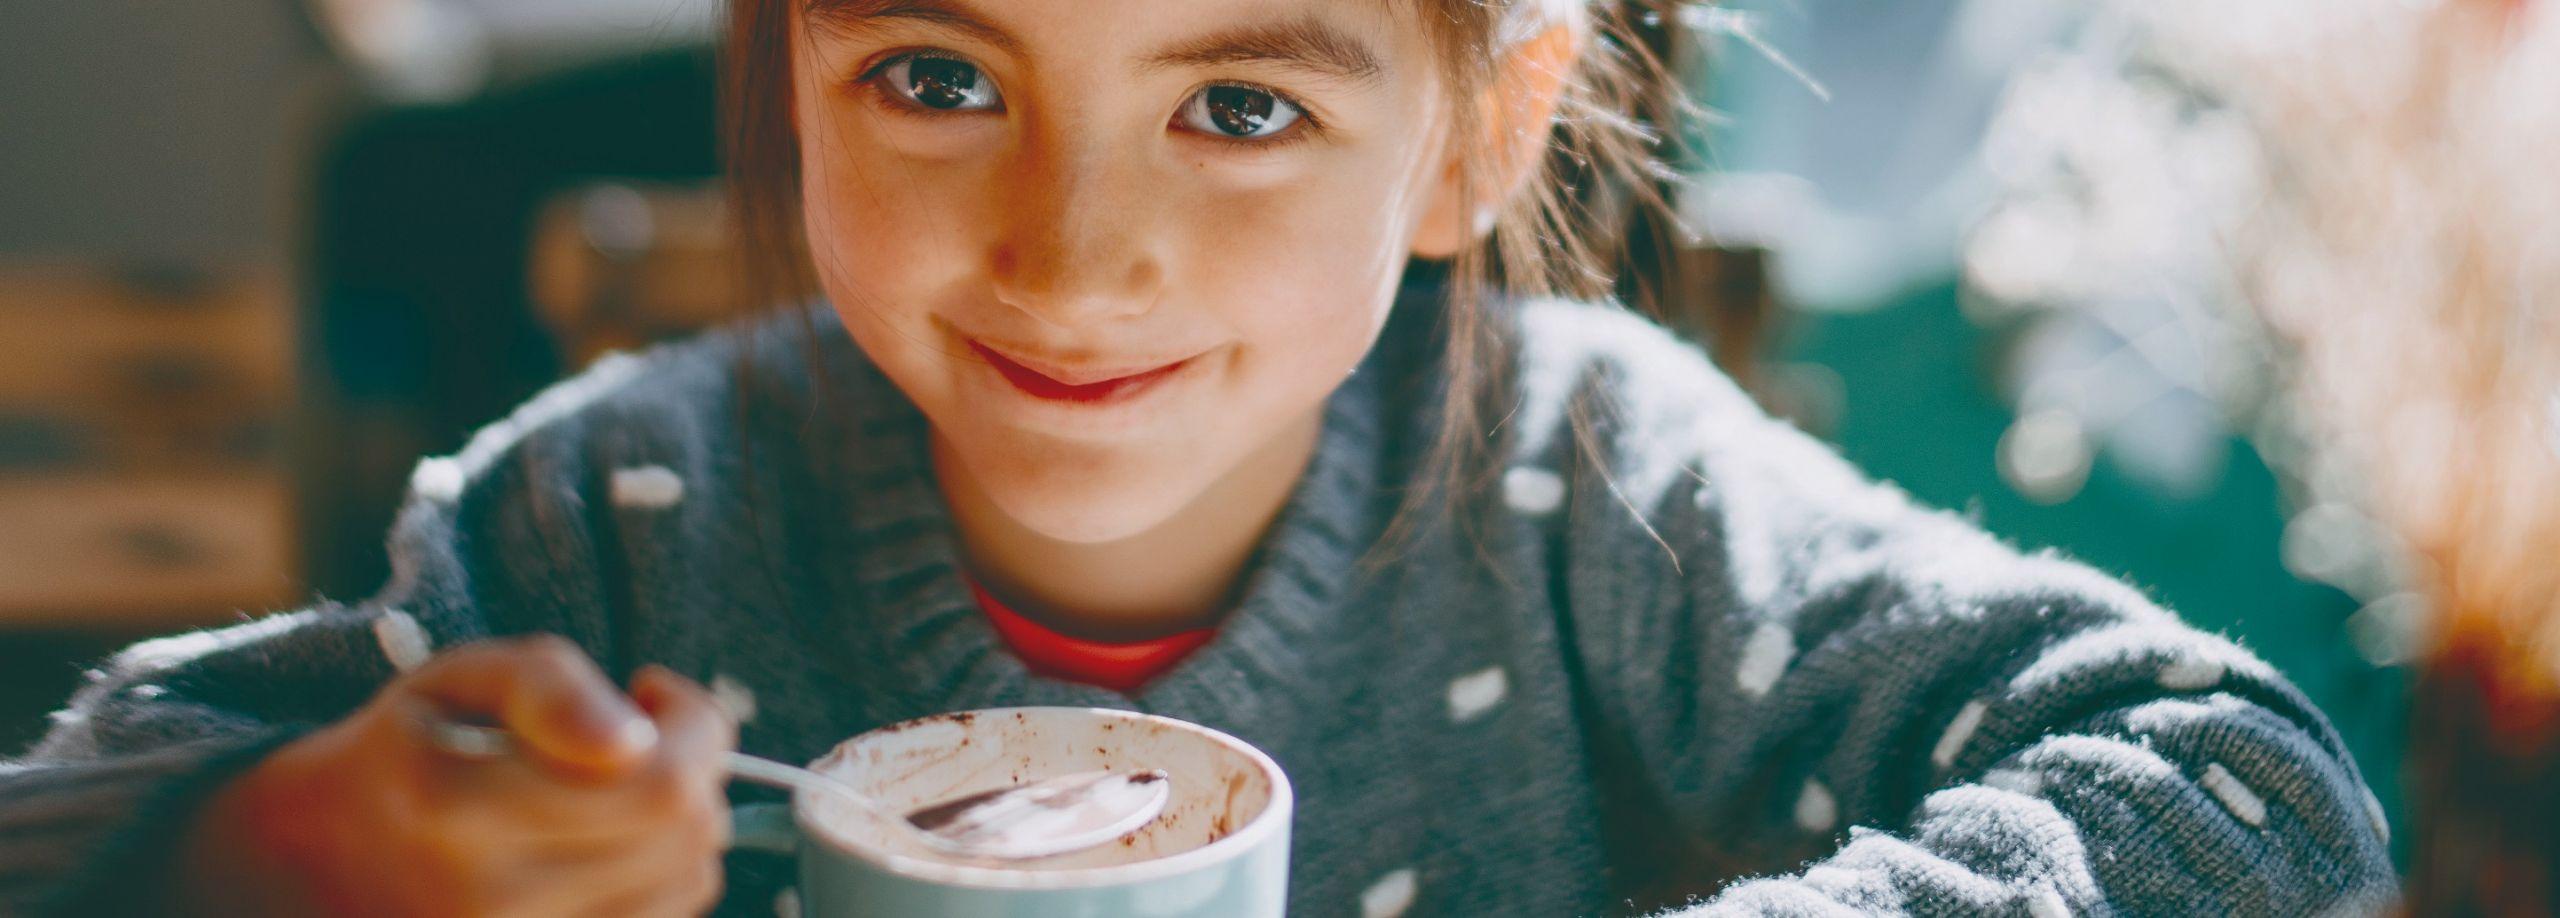 ¿Cuánto azúcar ingieren nuestros pequeños?